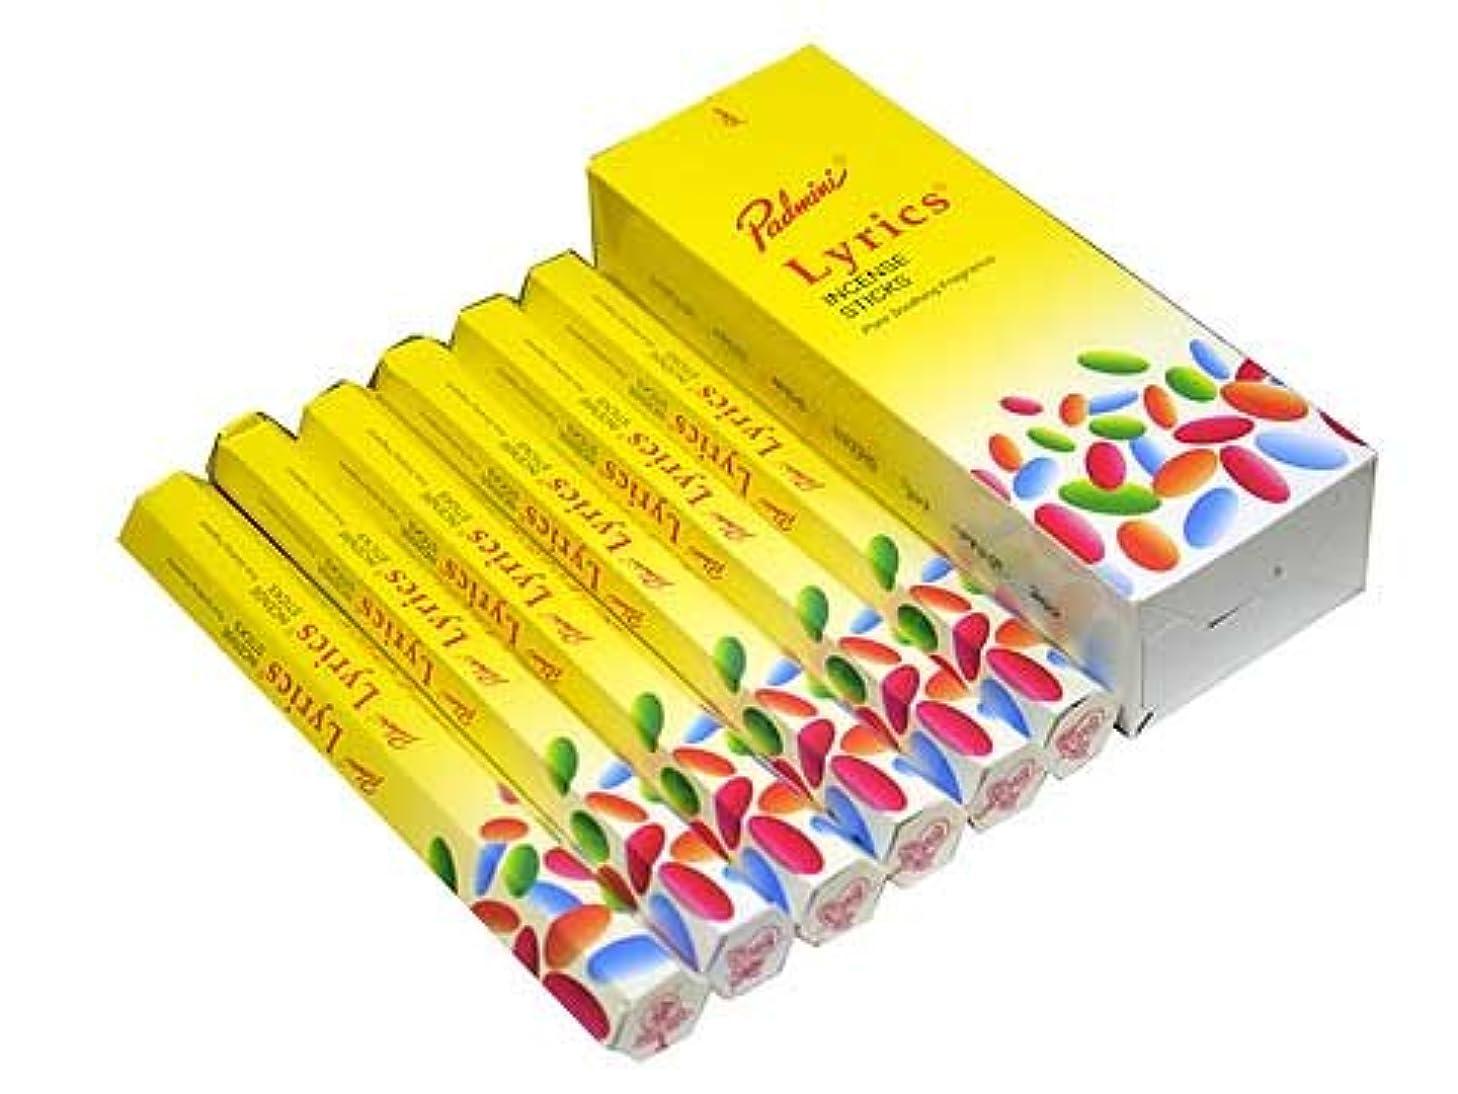 遺棄された代名詞ウミウシPADMINI(パドミニ) パドミニ リリックス香 スティック LYRICS 6箱セット